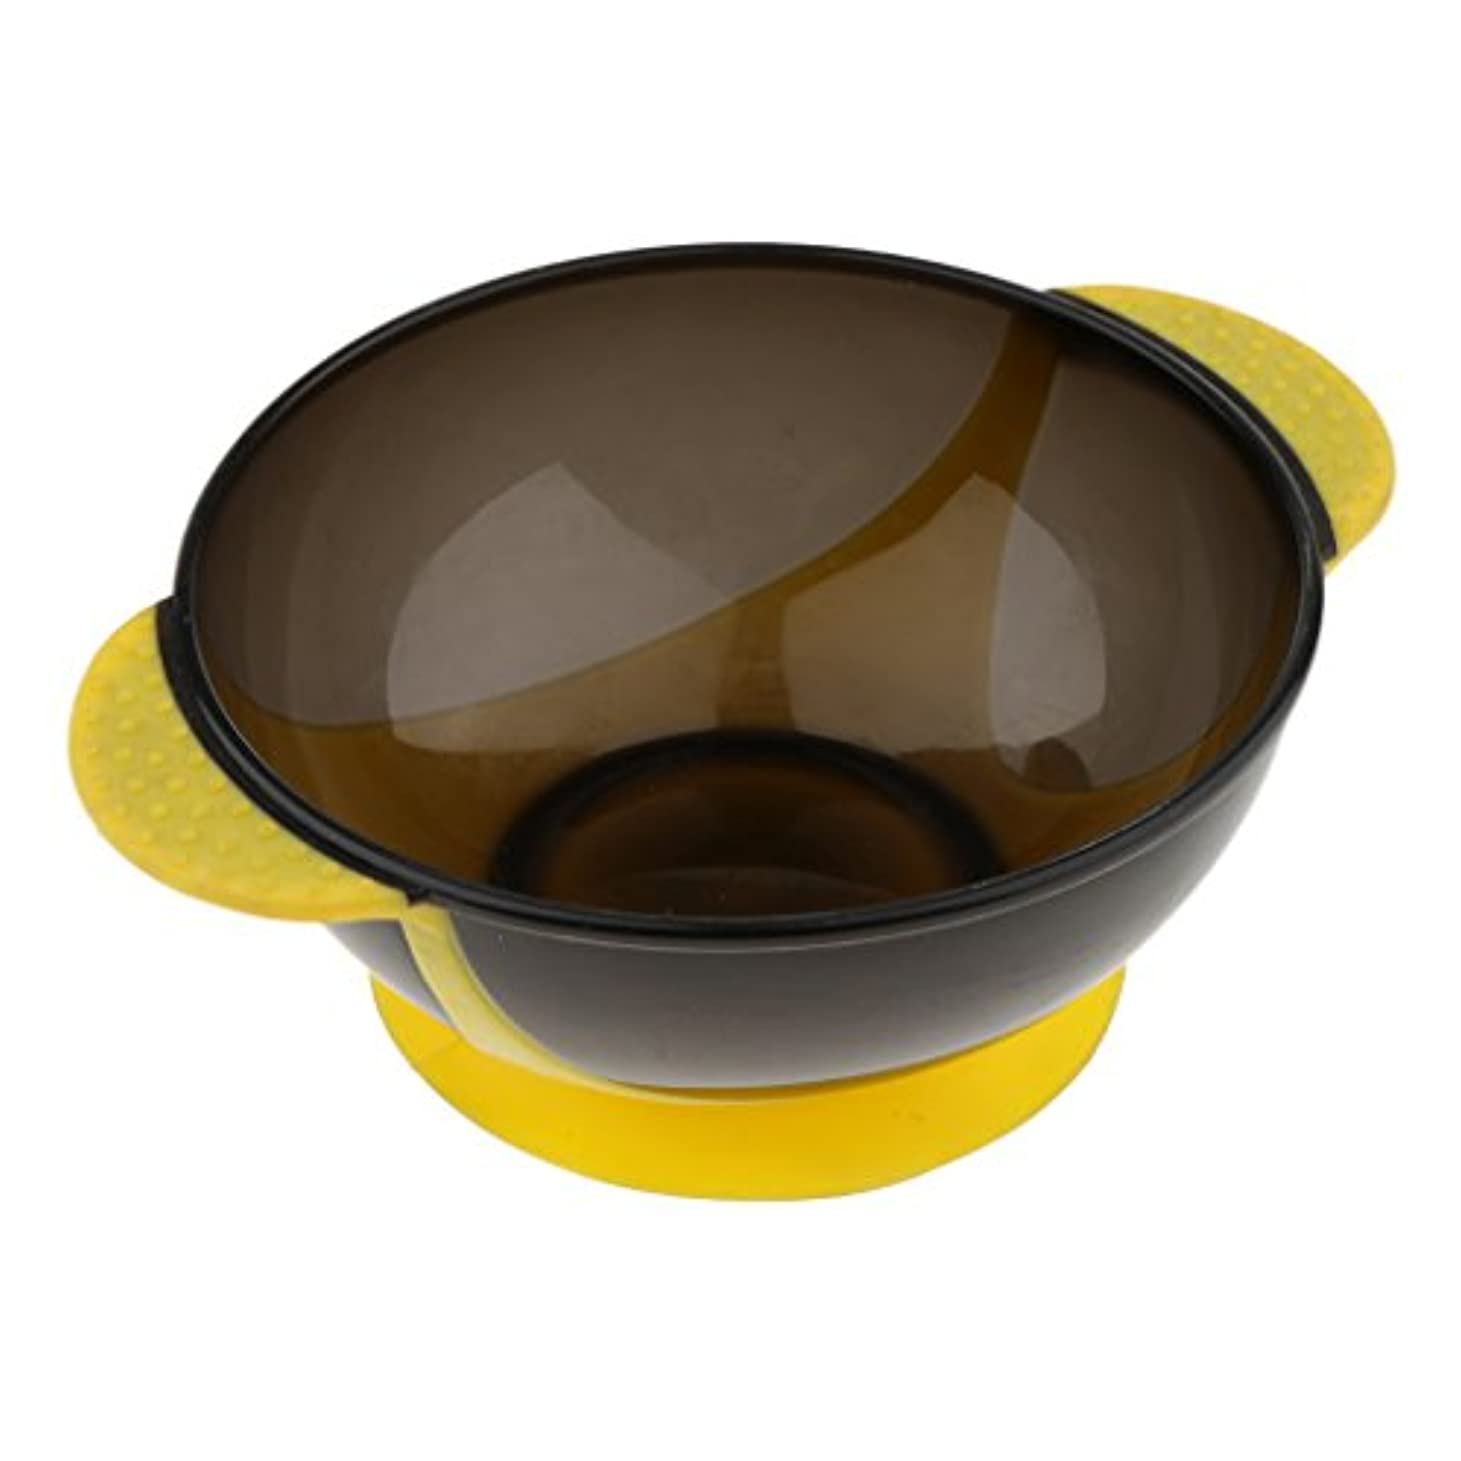 丘くびれた食物Perfk ヘアダイボウル プラスチック製 サロン 髪染め ミントボウル 着色ツール 吸引ベース 3色選べる - 黄